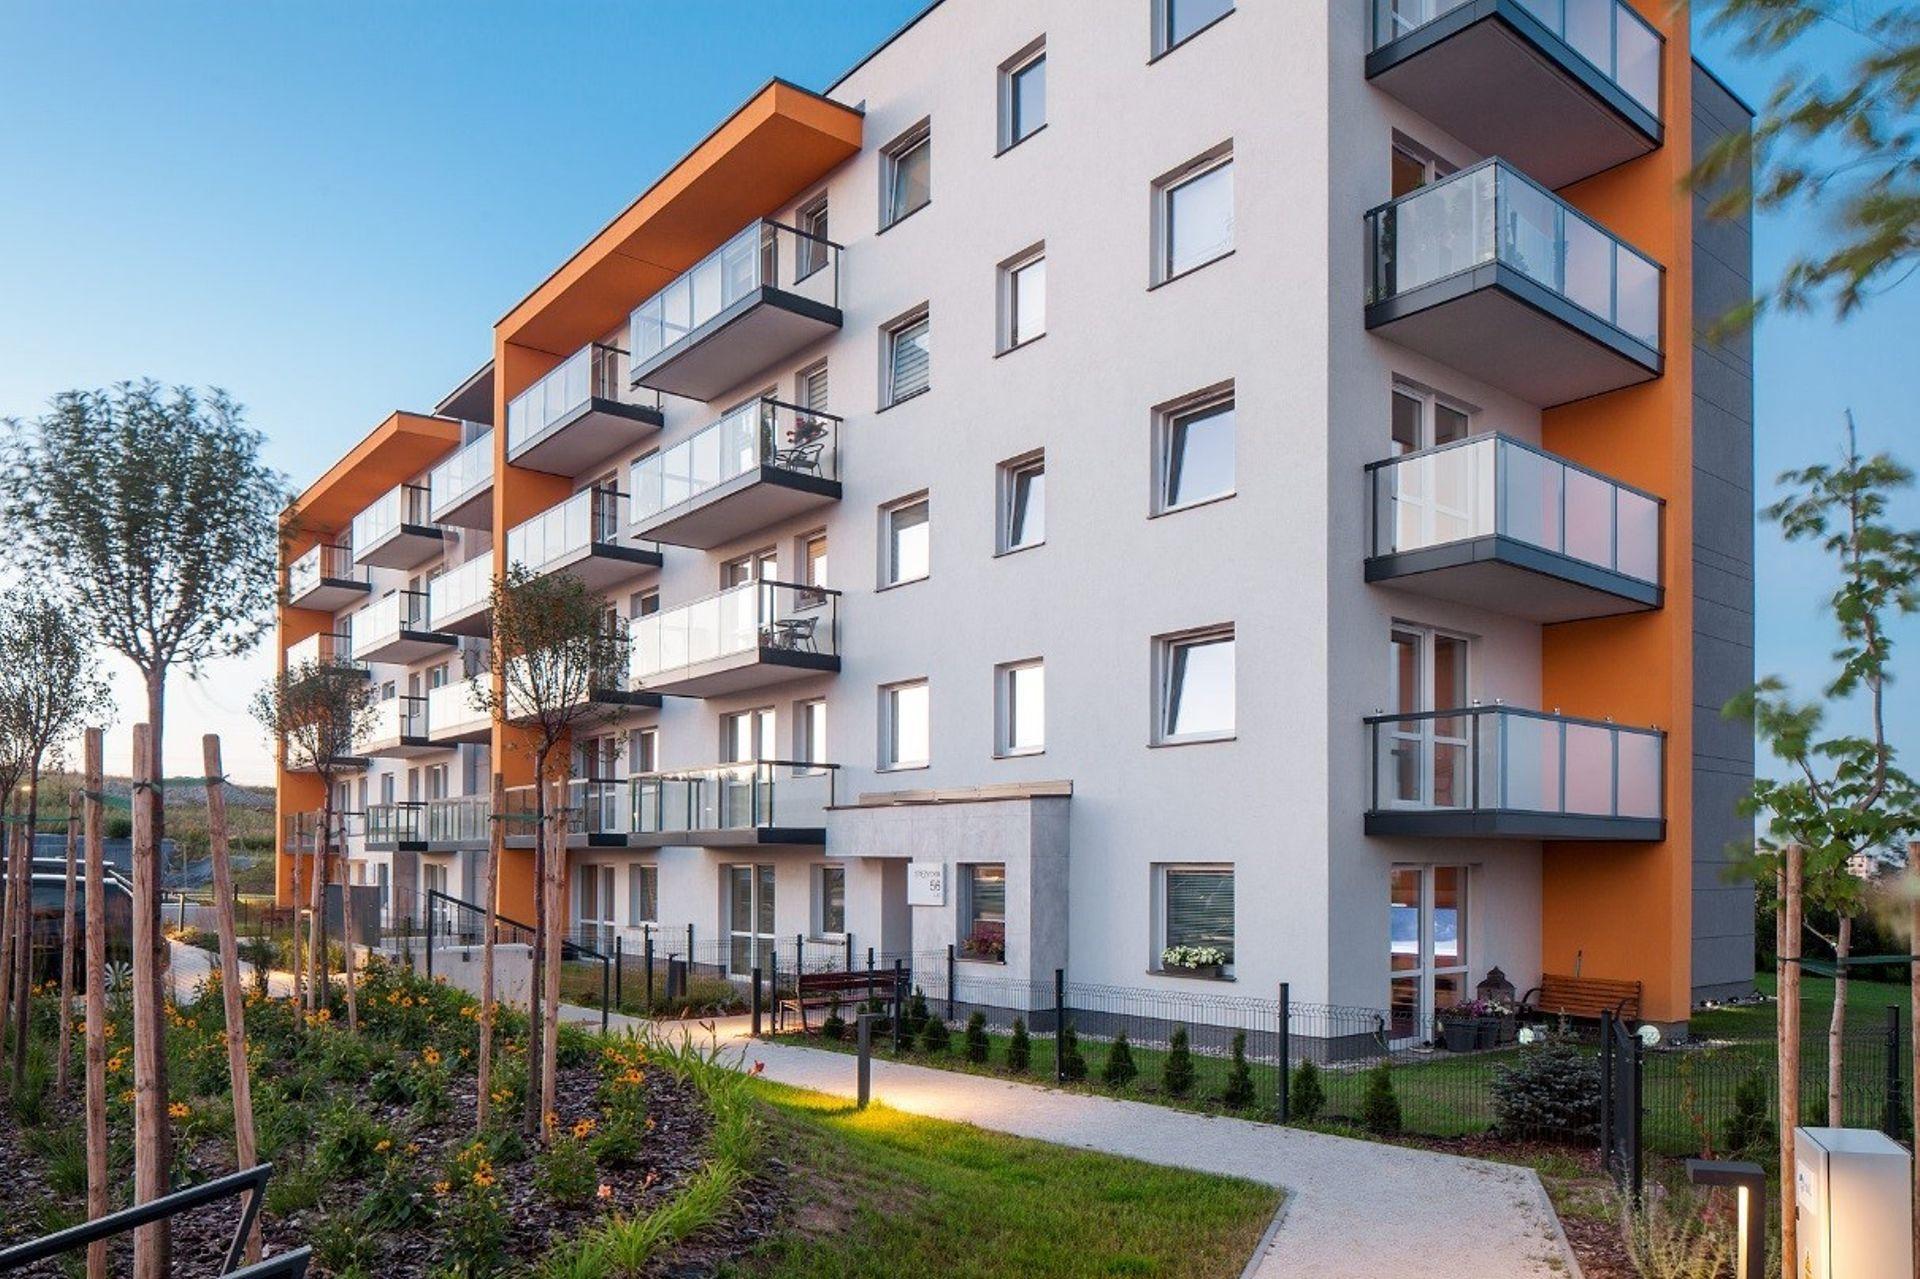 [Gdańsk] Ponad 65% mieszkań sprzedanych na osiedlu Optima w Gdańsku